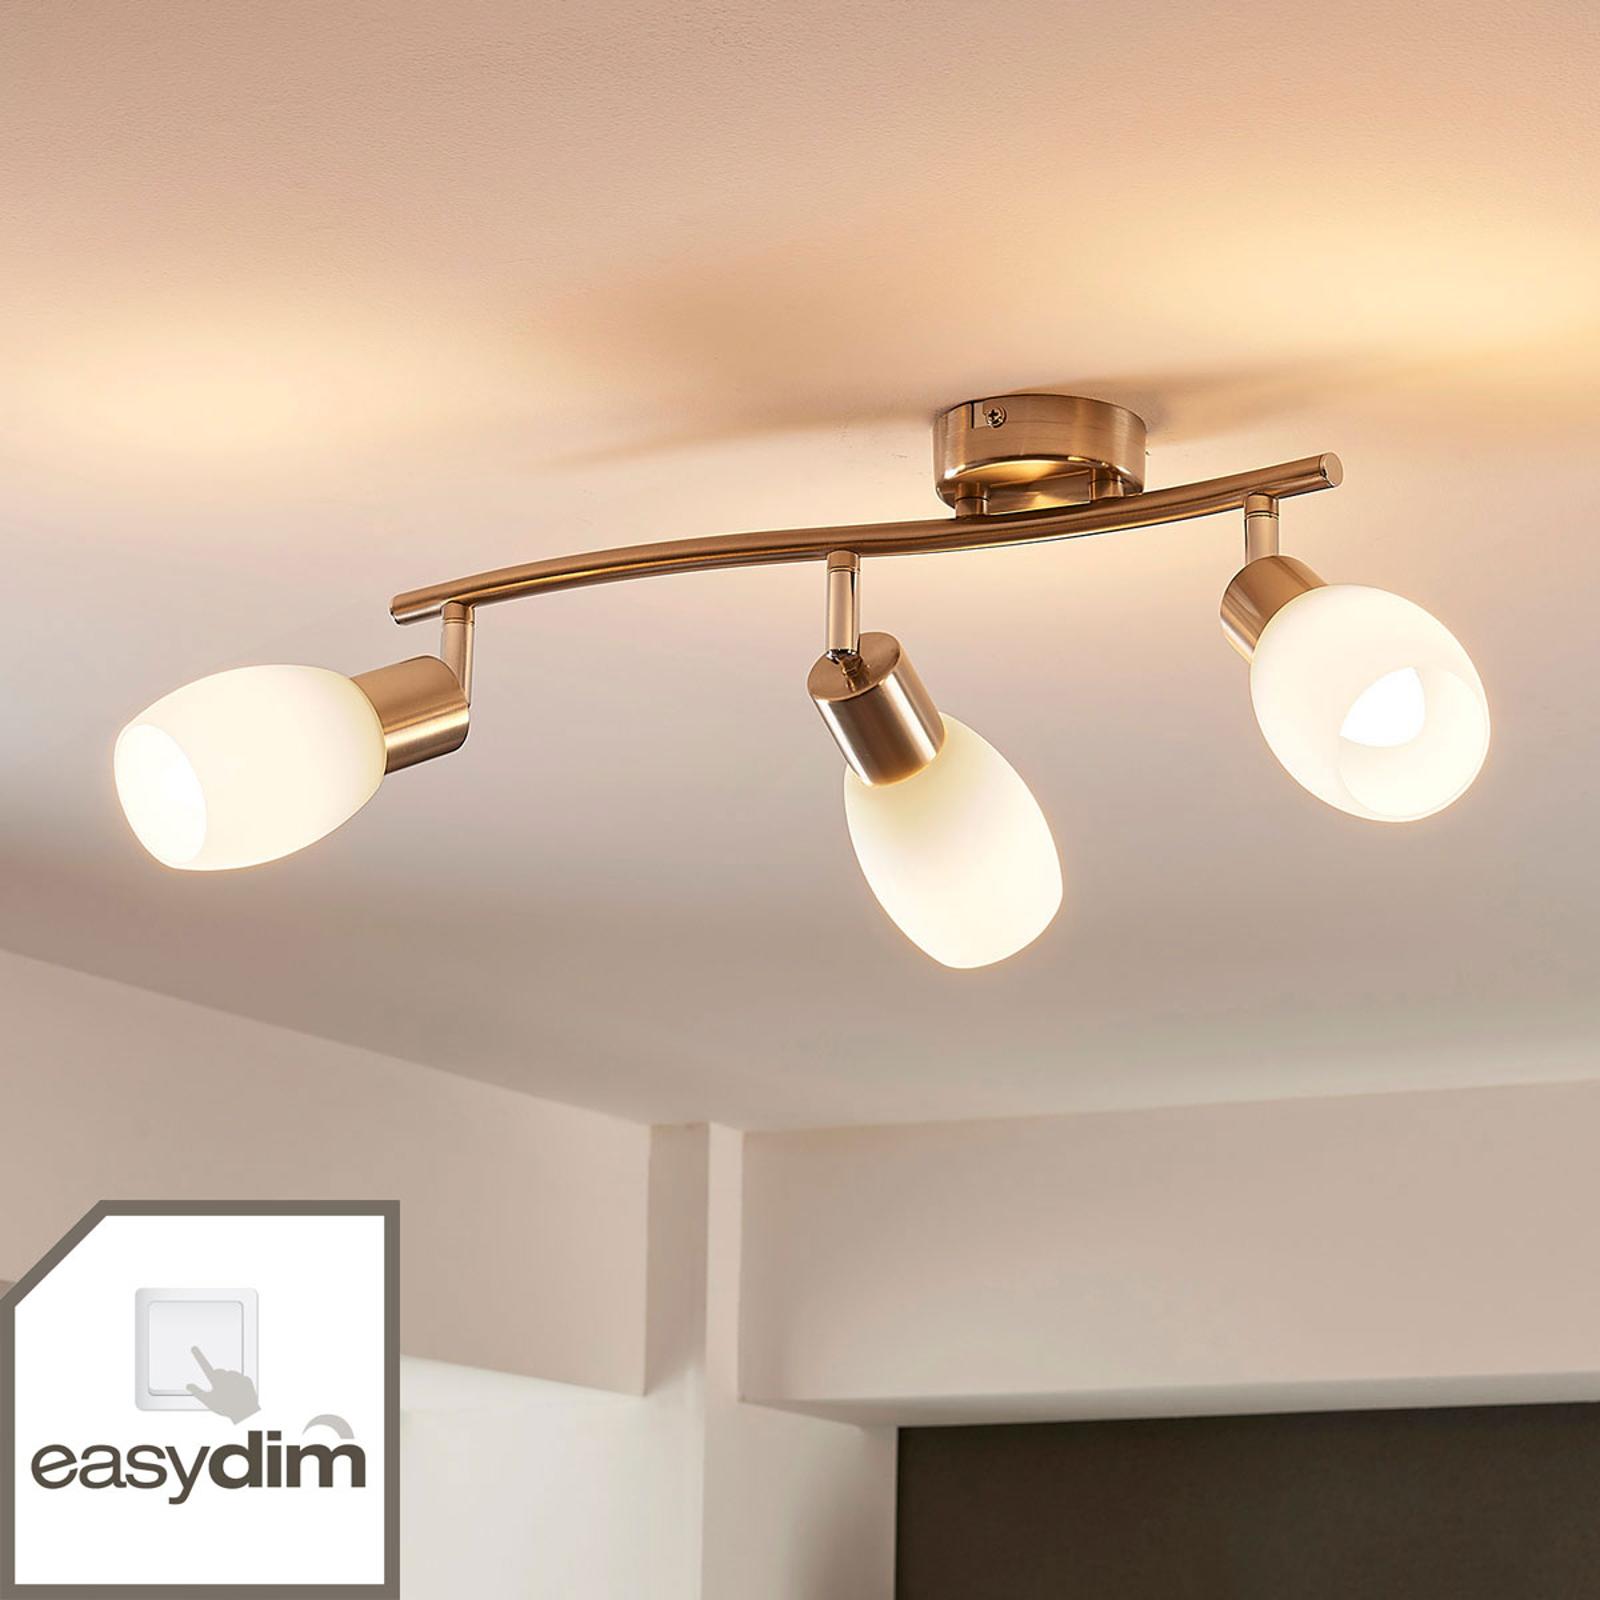 LED-Deckenstrahler Arda, easydim 3-flammig 40cm